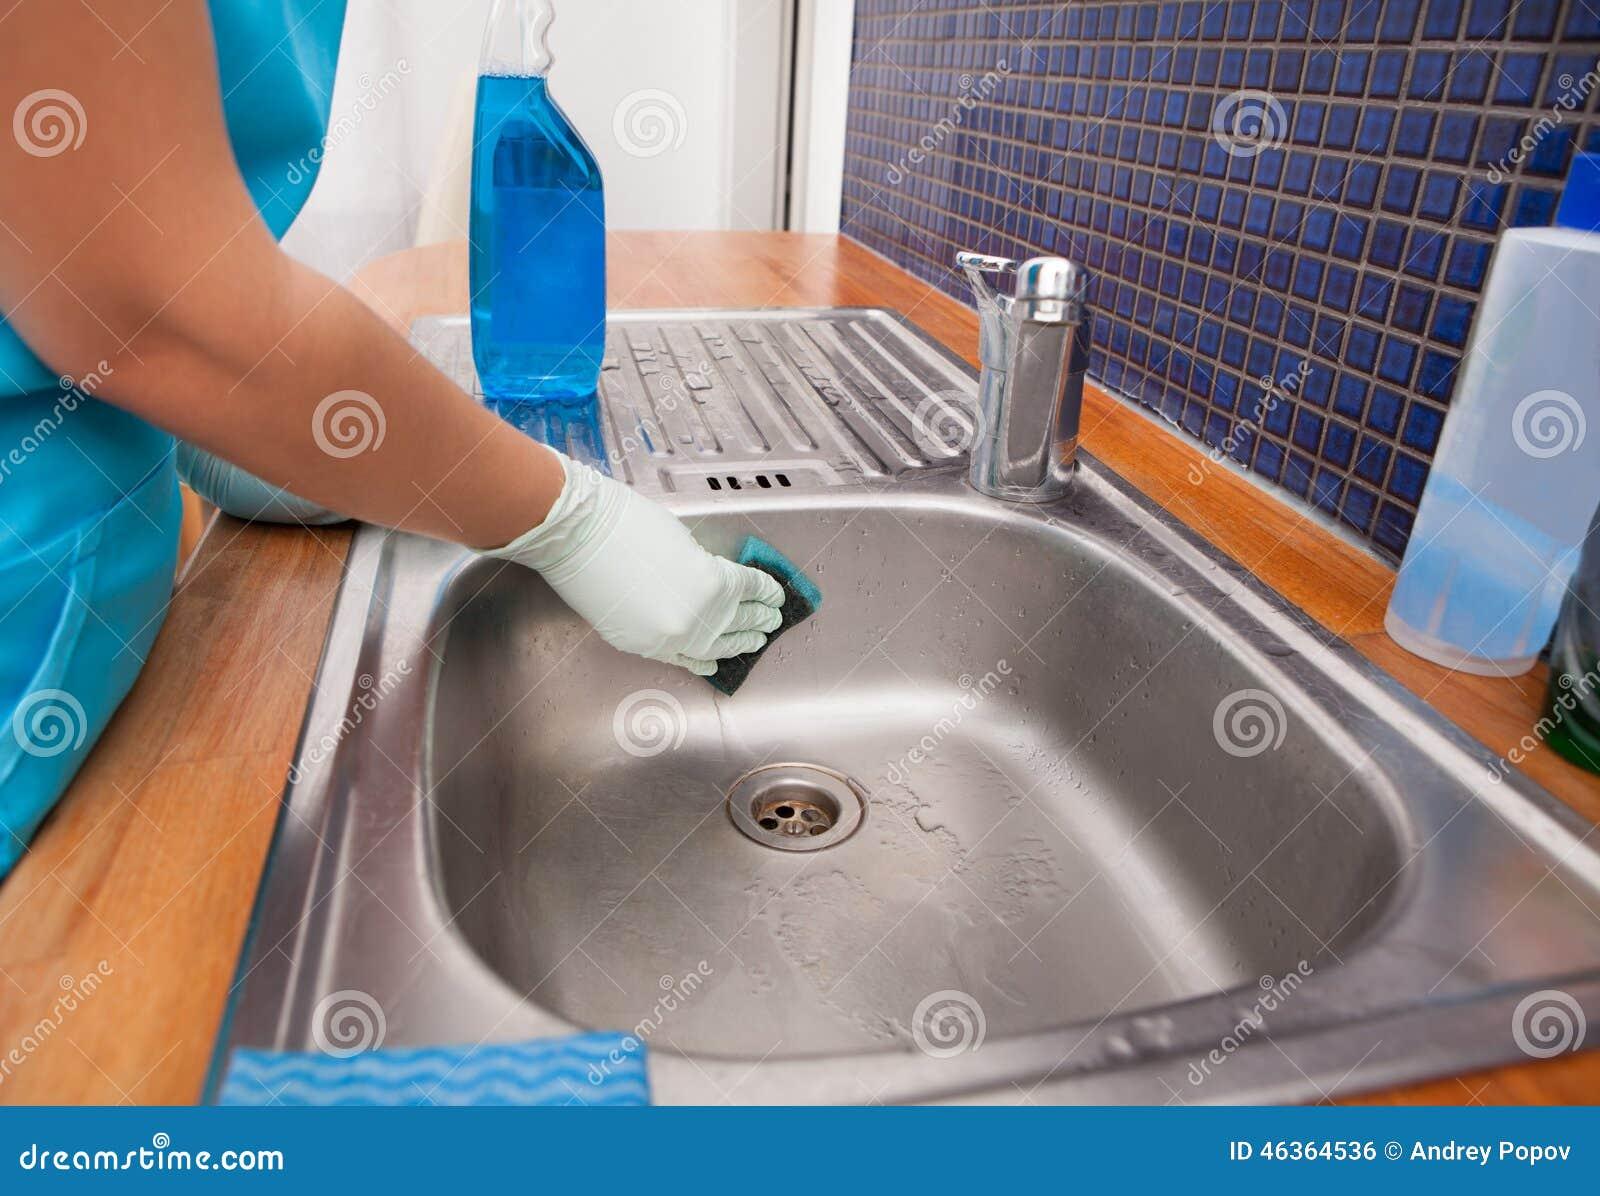 妇女佩带的围裙清洁厨房水槽